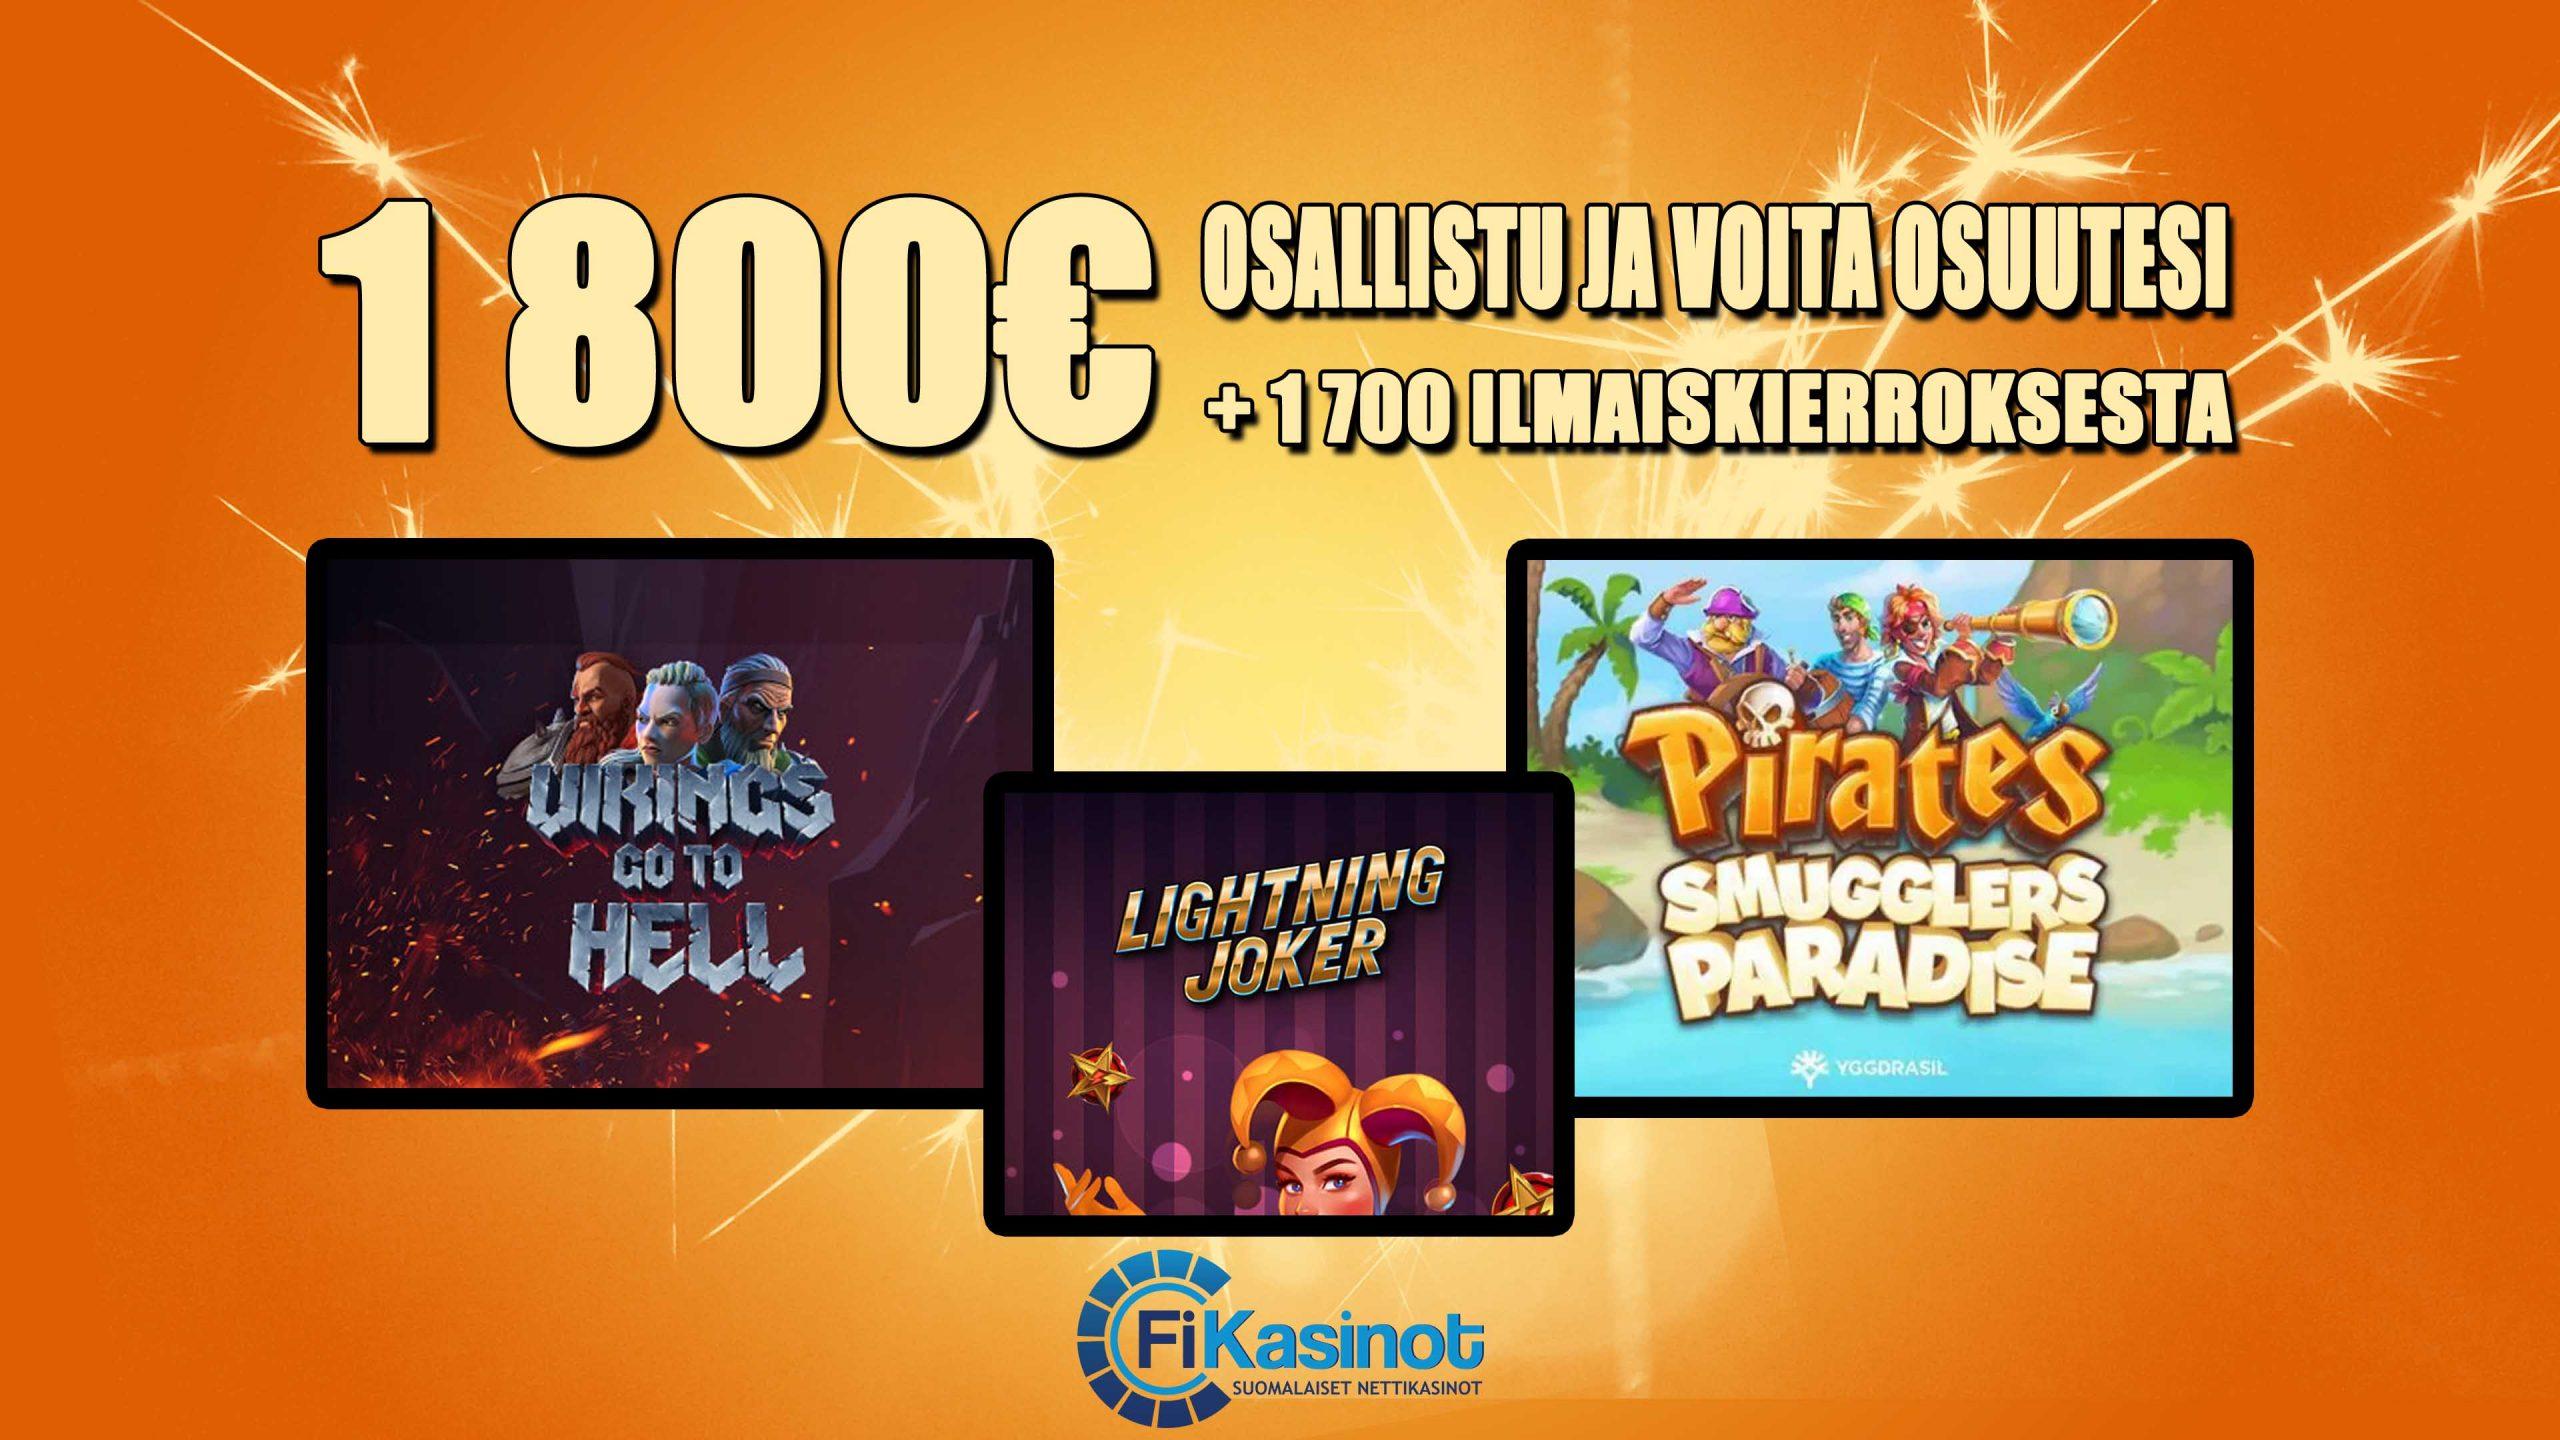 Ninja Casinon 1 800 euron slottihaaste